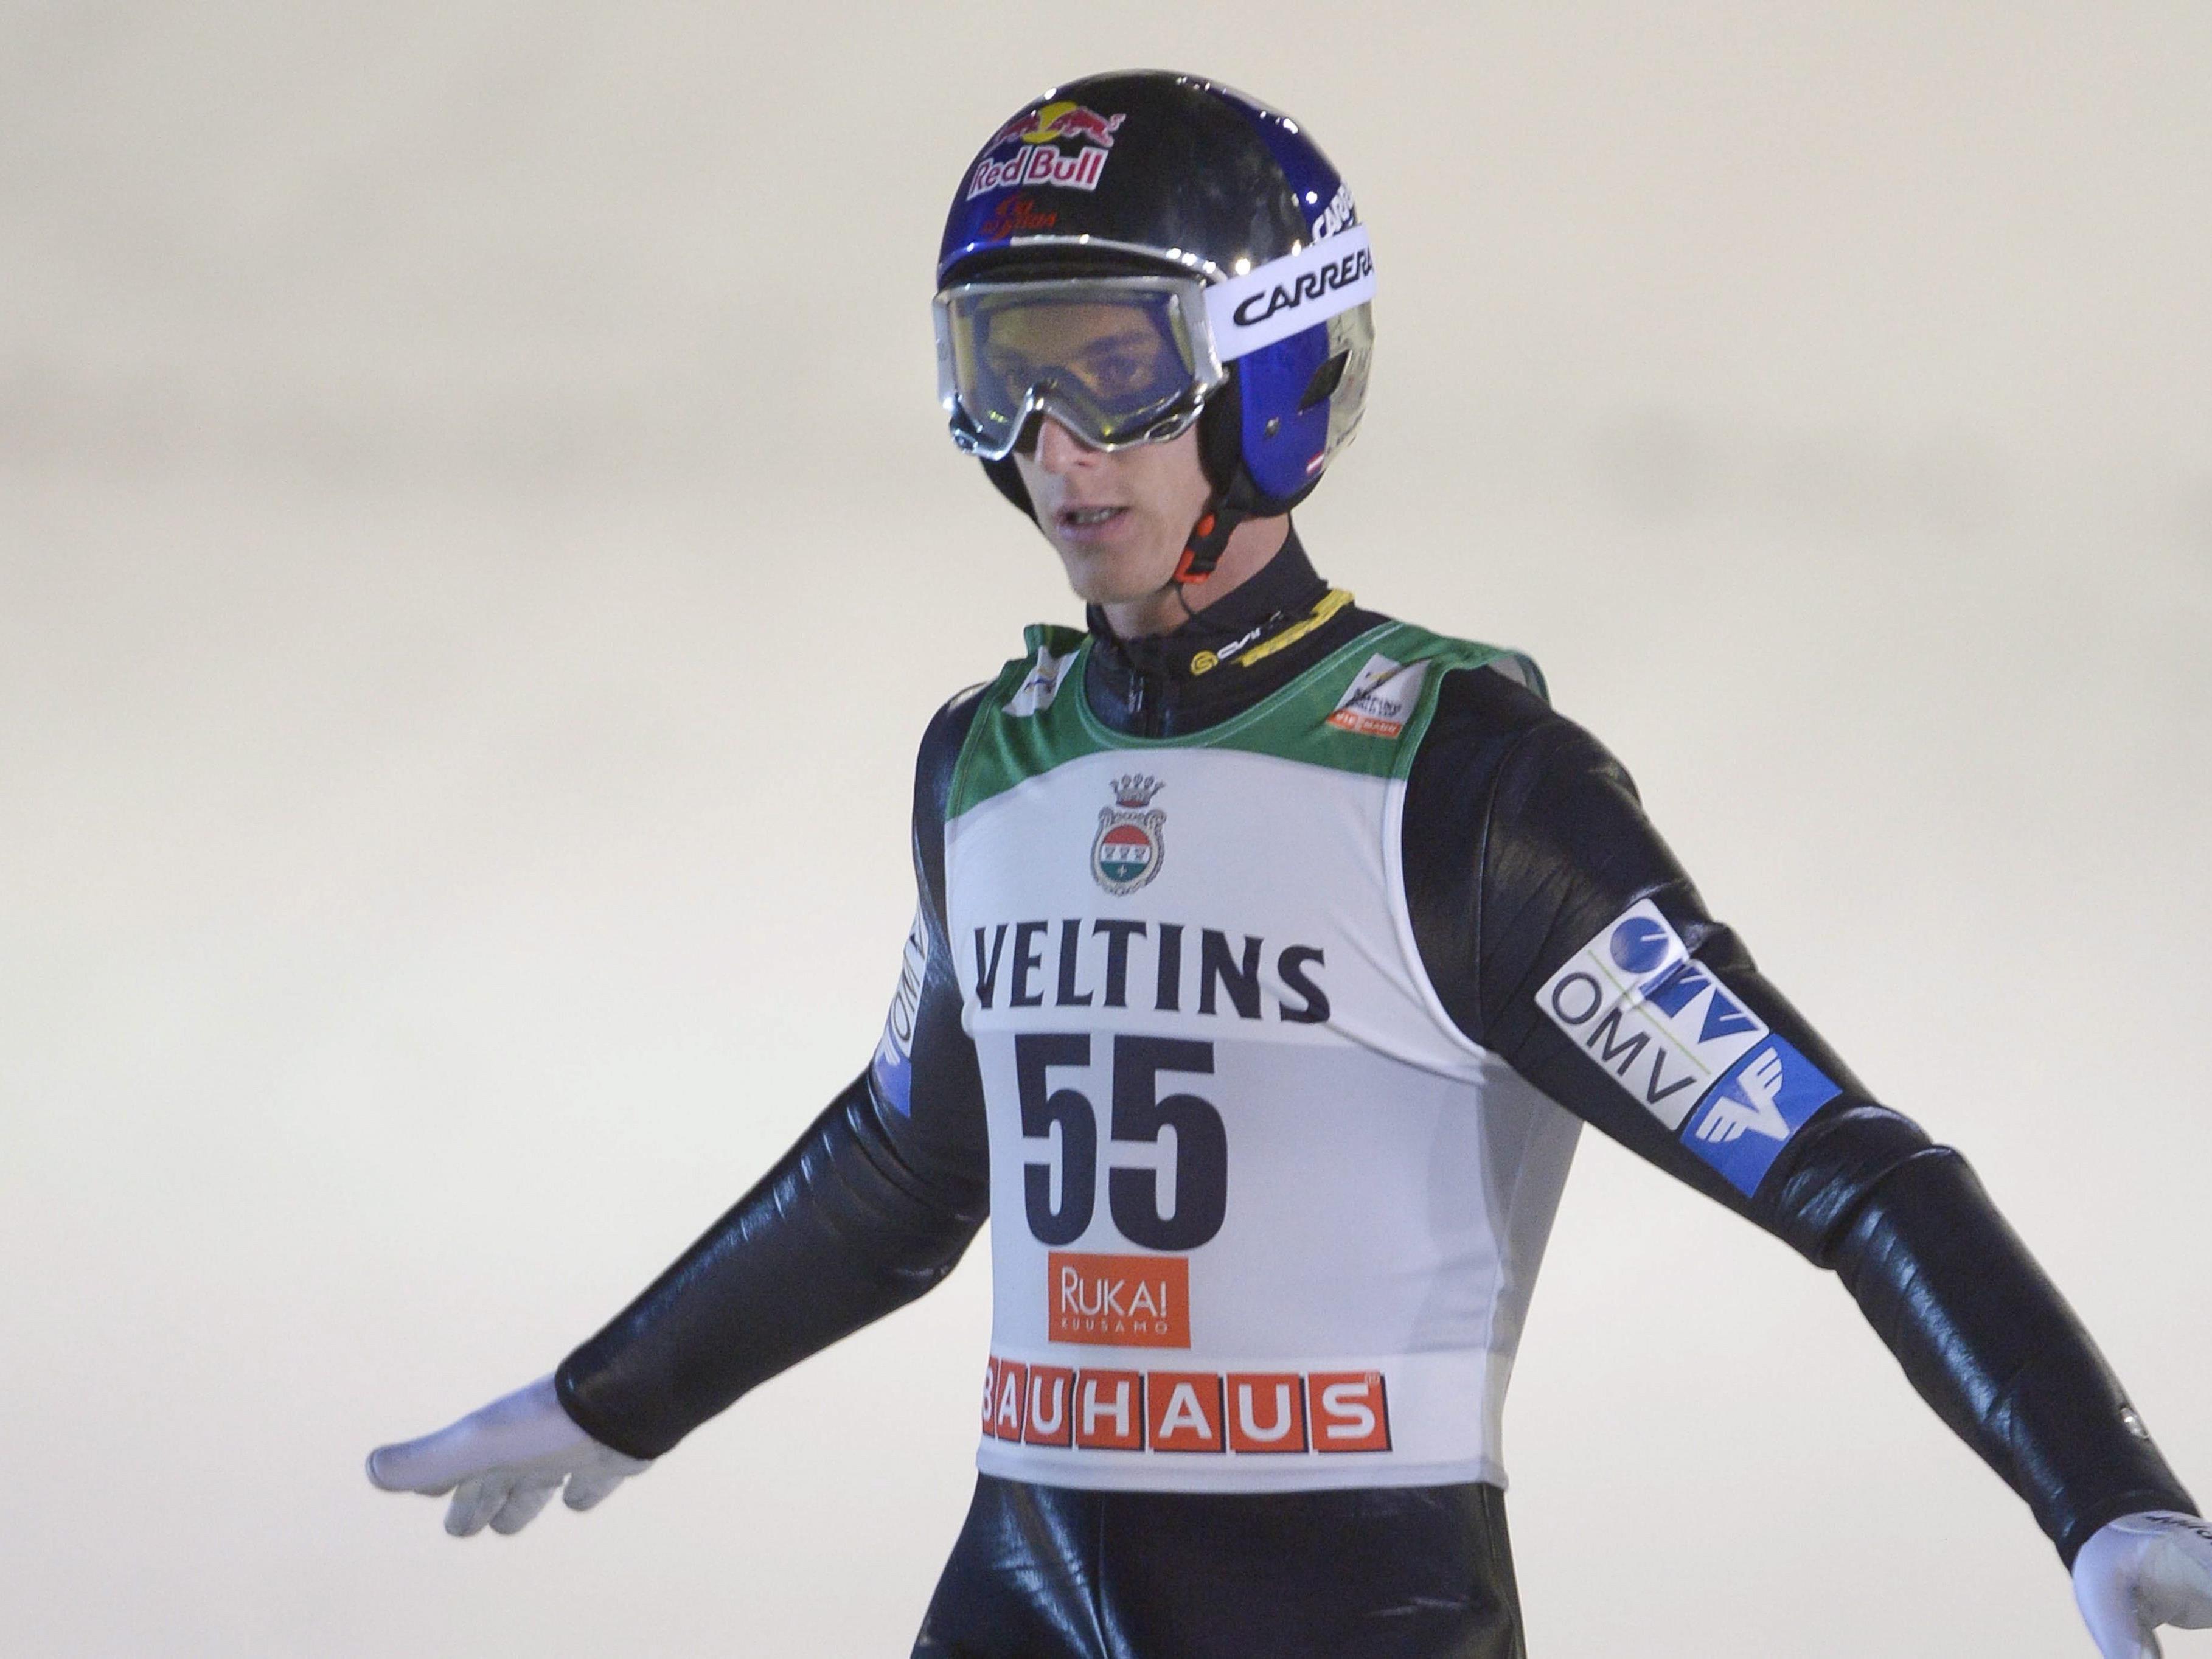 Schlierenzauer (128,0 m) als Fünfter und Andreas Kofler (124,5) als Zwölfter schafften es souverän.